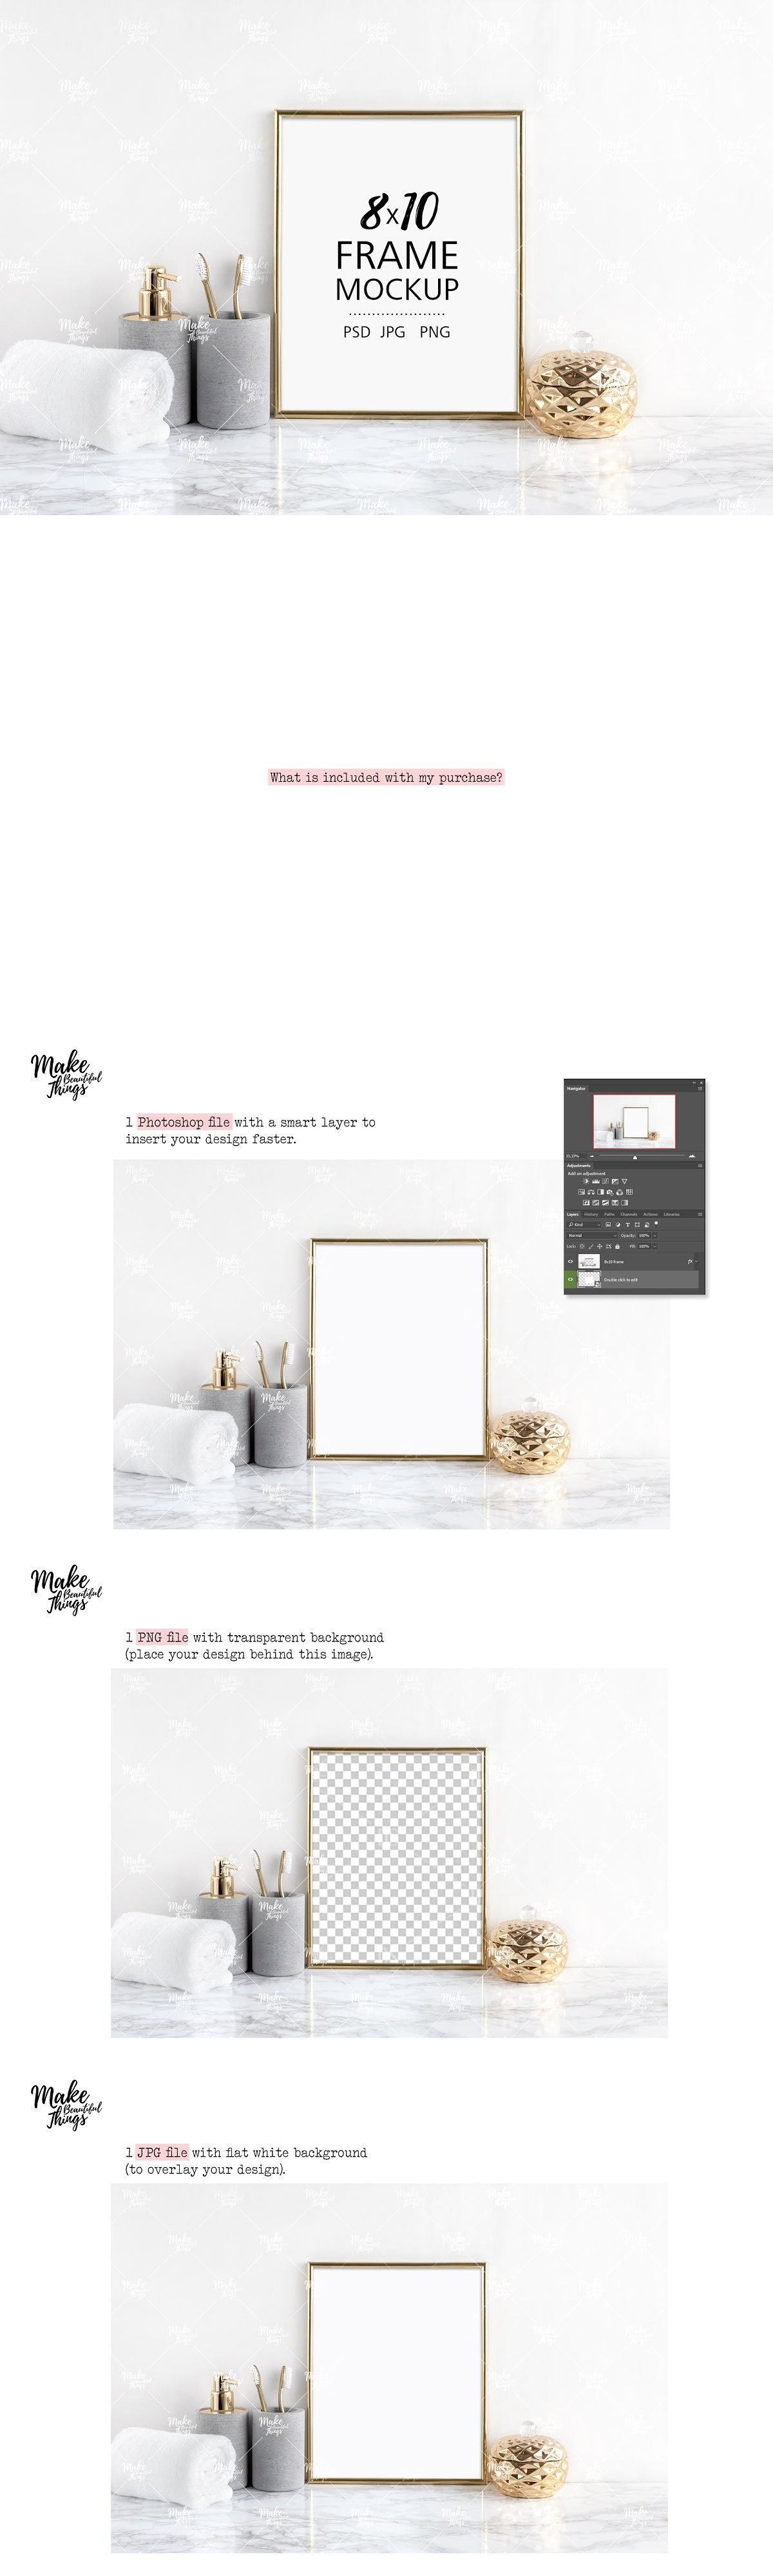 Her Bathroom 3D Kit 8x10